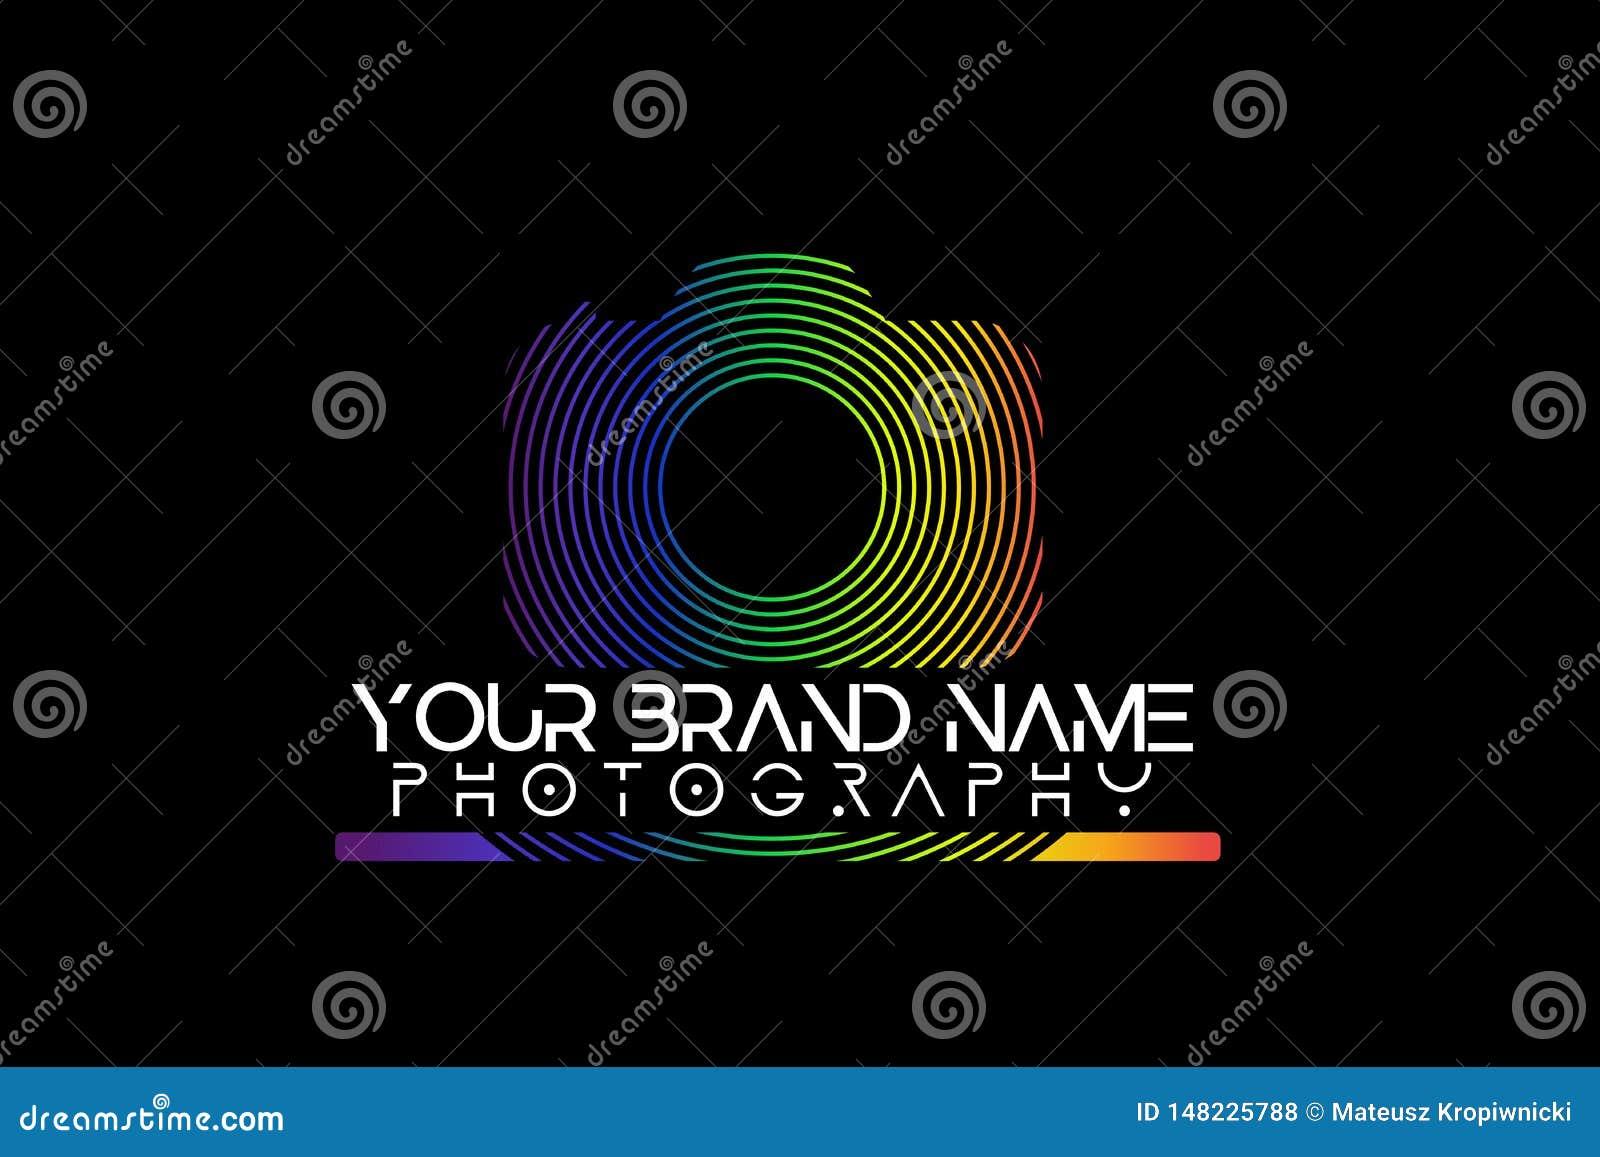 Rainbow camera logo on black background.